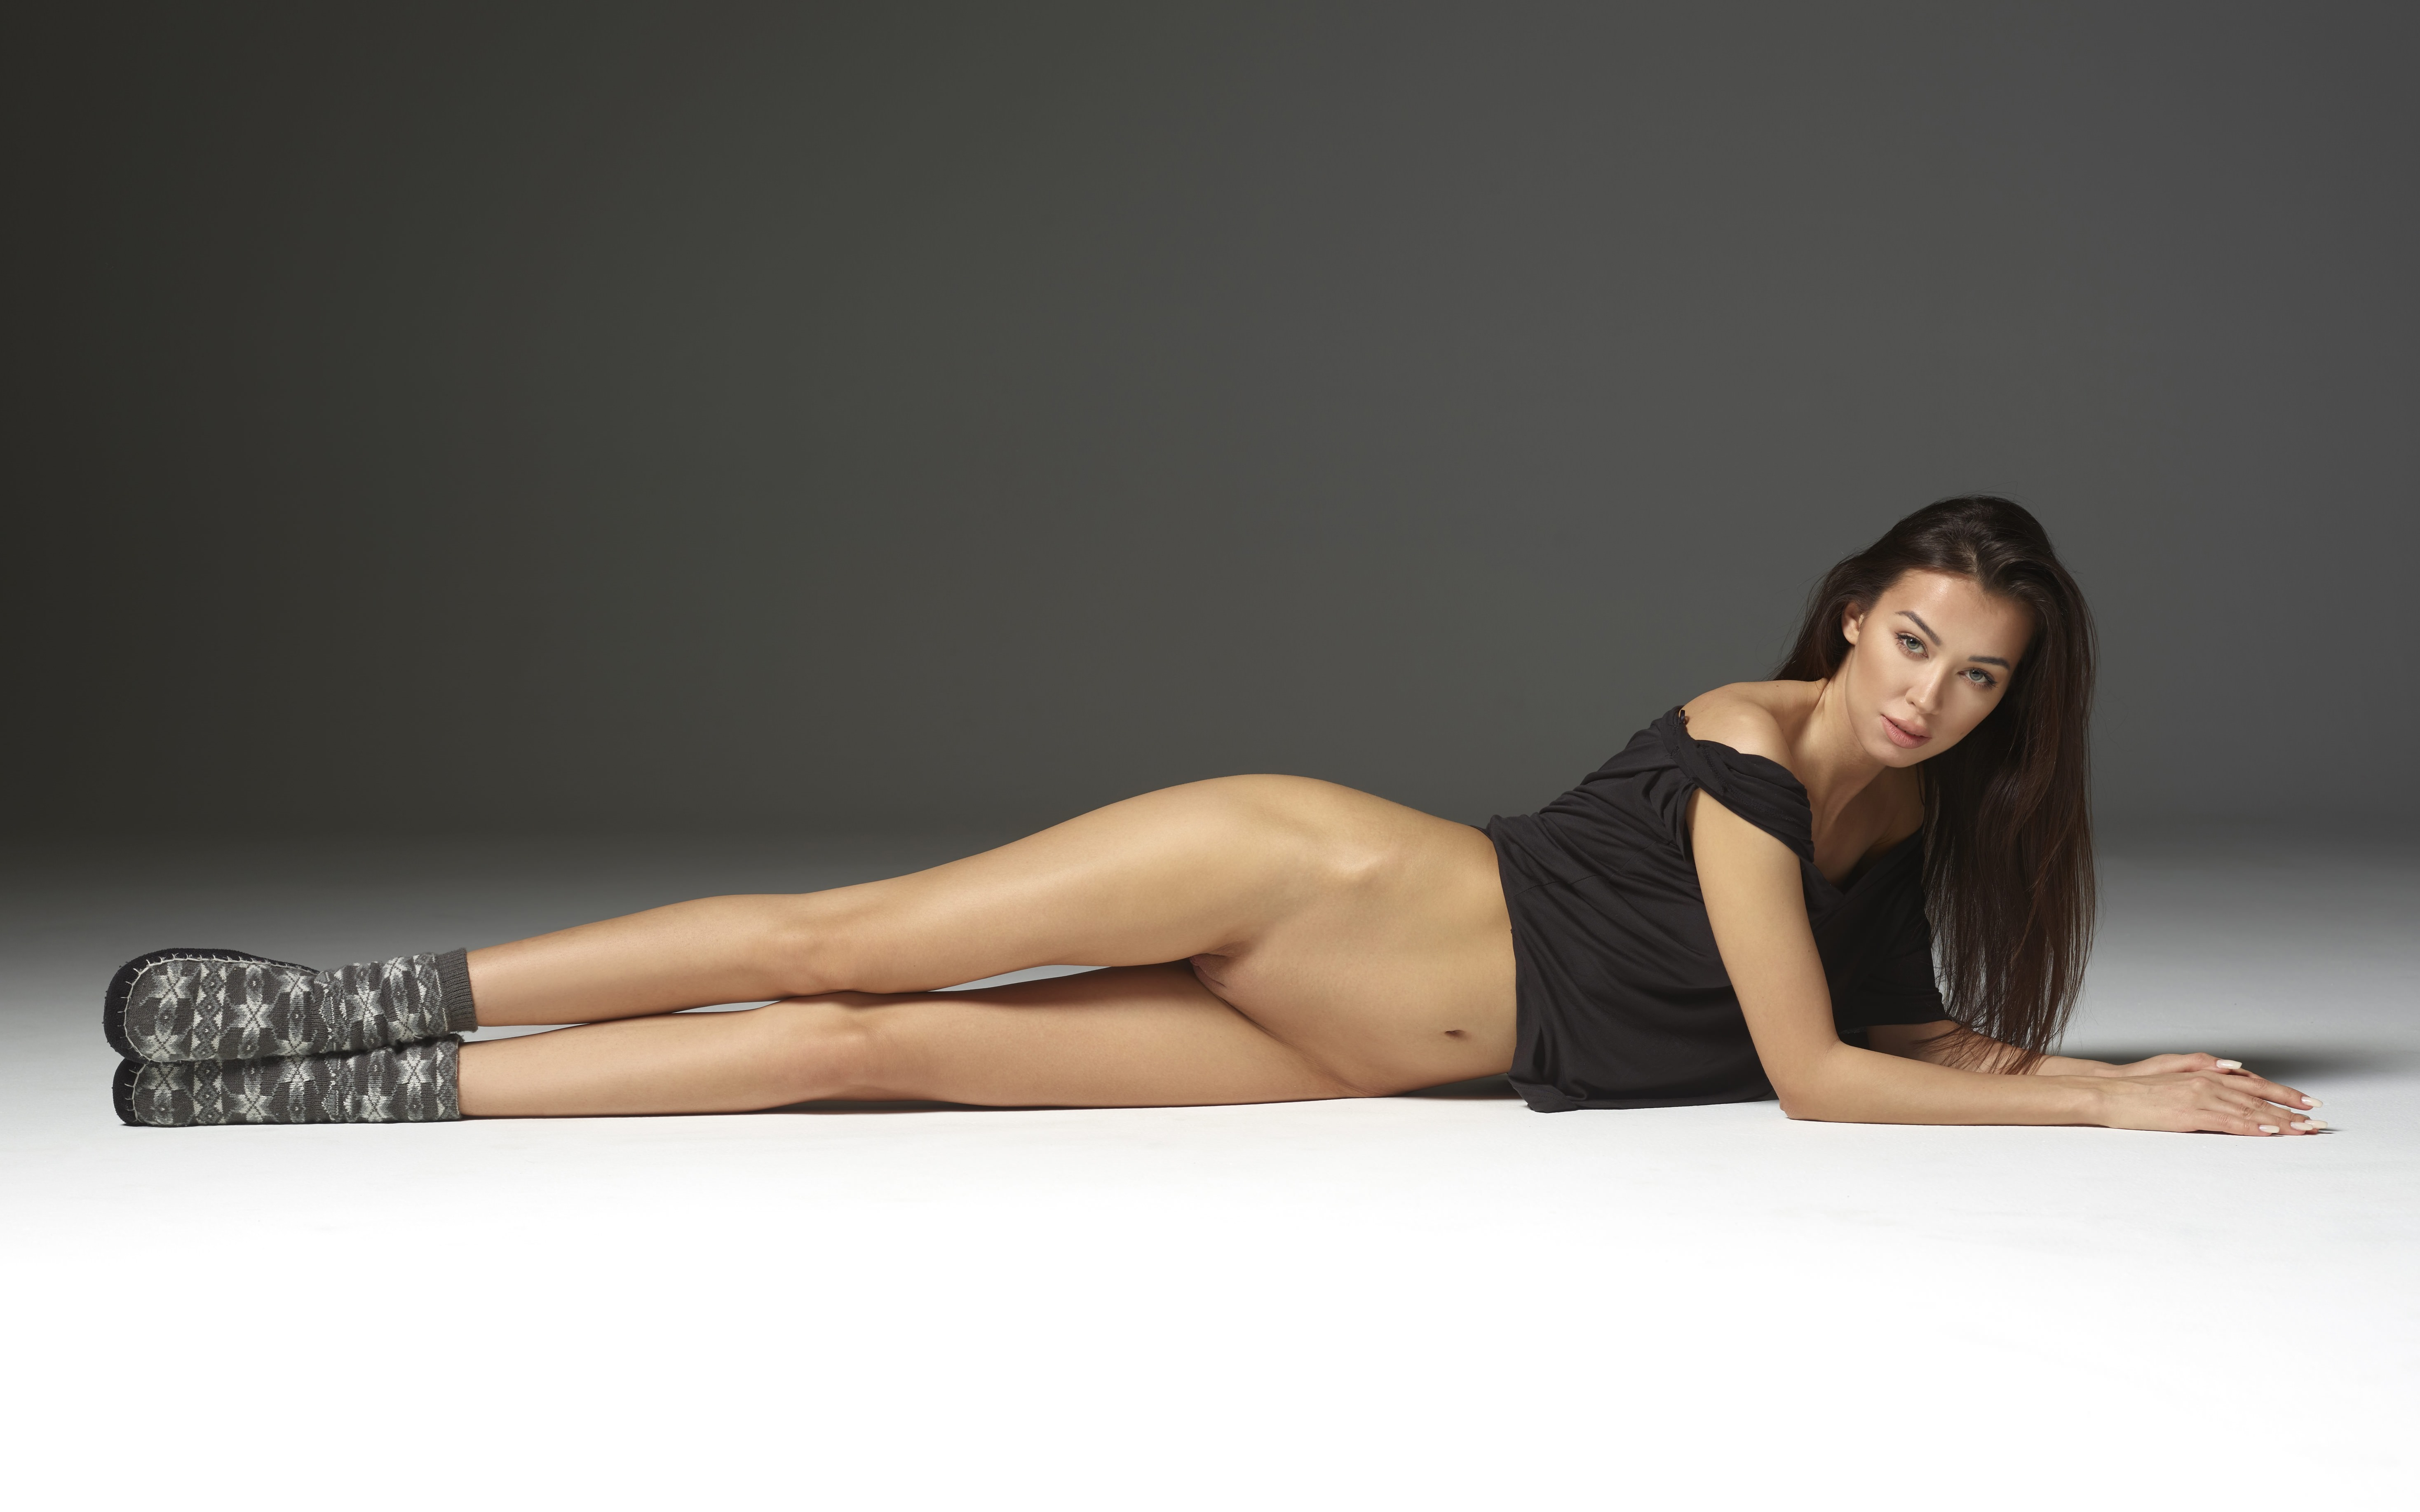 Фото Девушка без трусиков вытянулась в струнку на полу, длинные ножки, угги, красивая брюнетка в черном топике, скачать картинку бесплатно